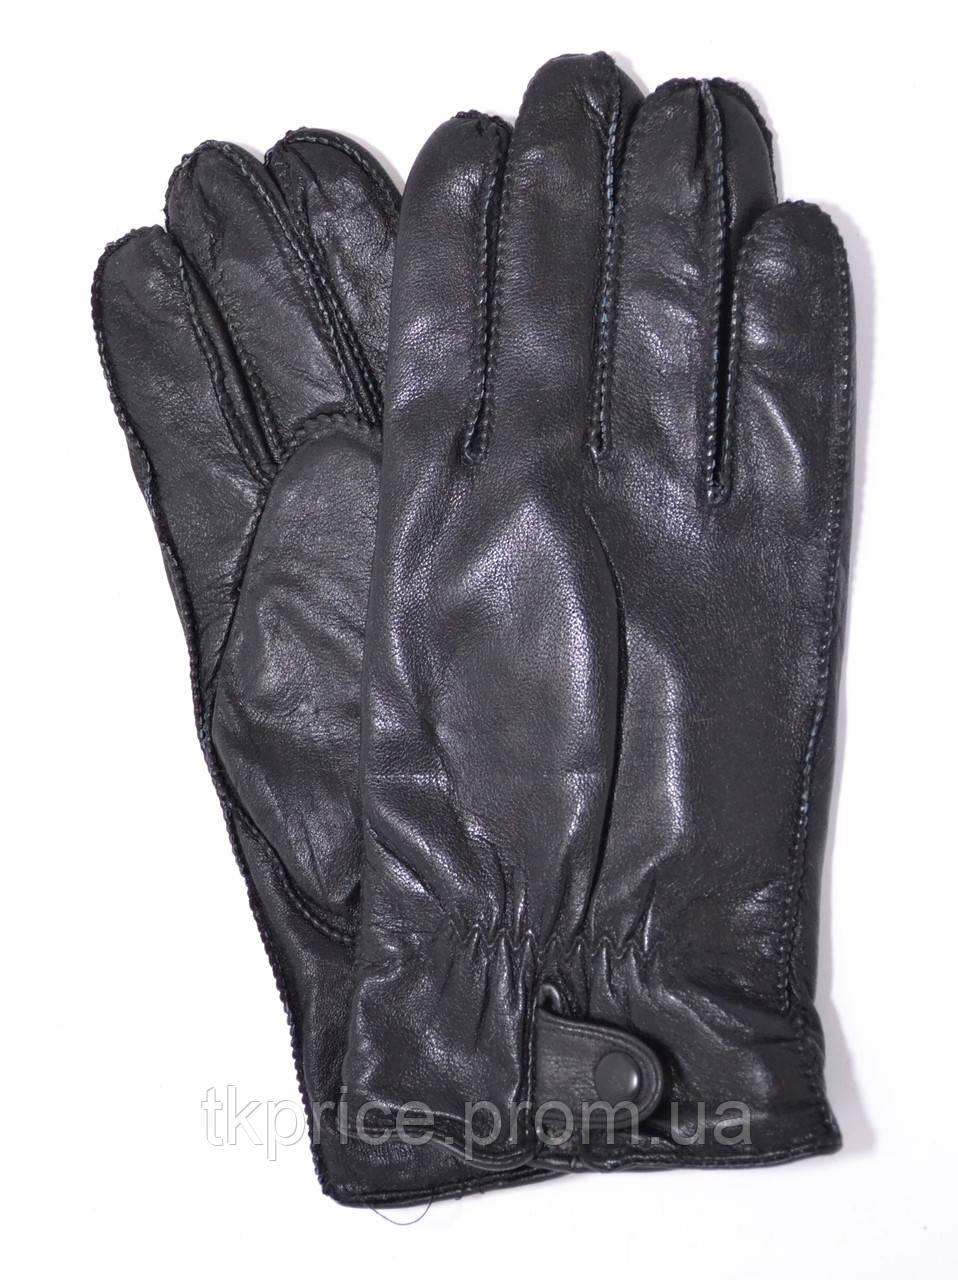 Мужские кожаные перчатки с махровой подкладкой (наружный шов)